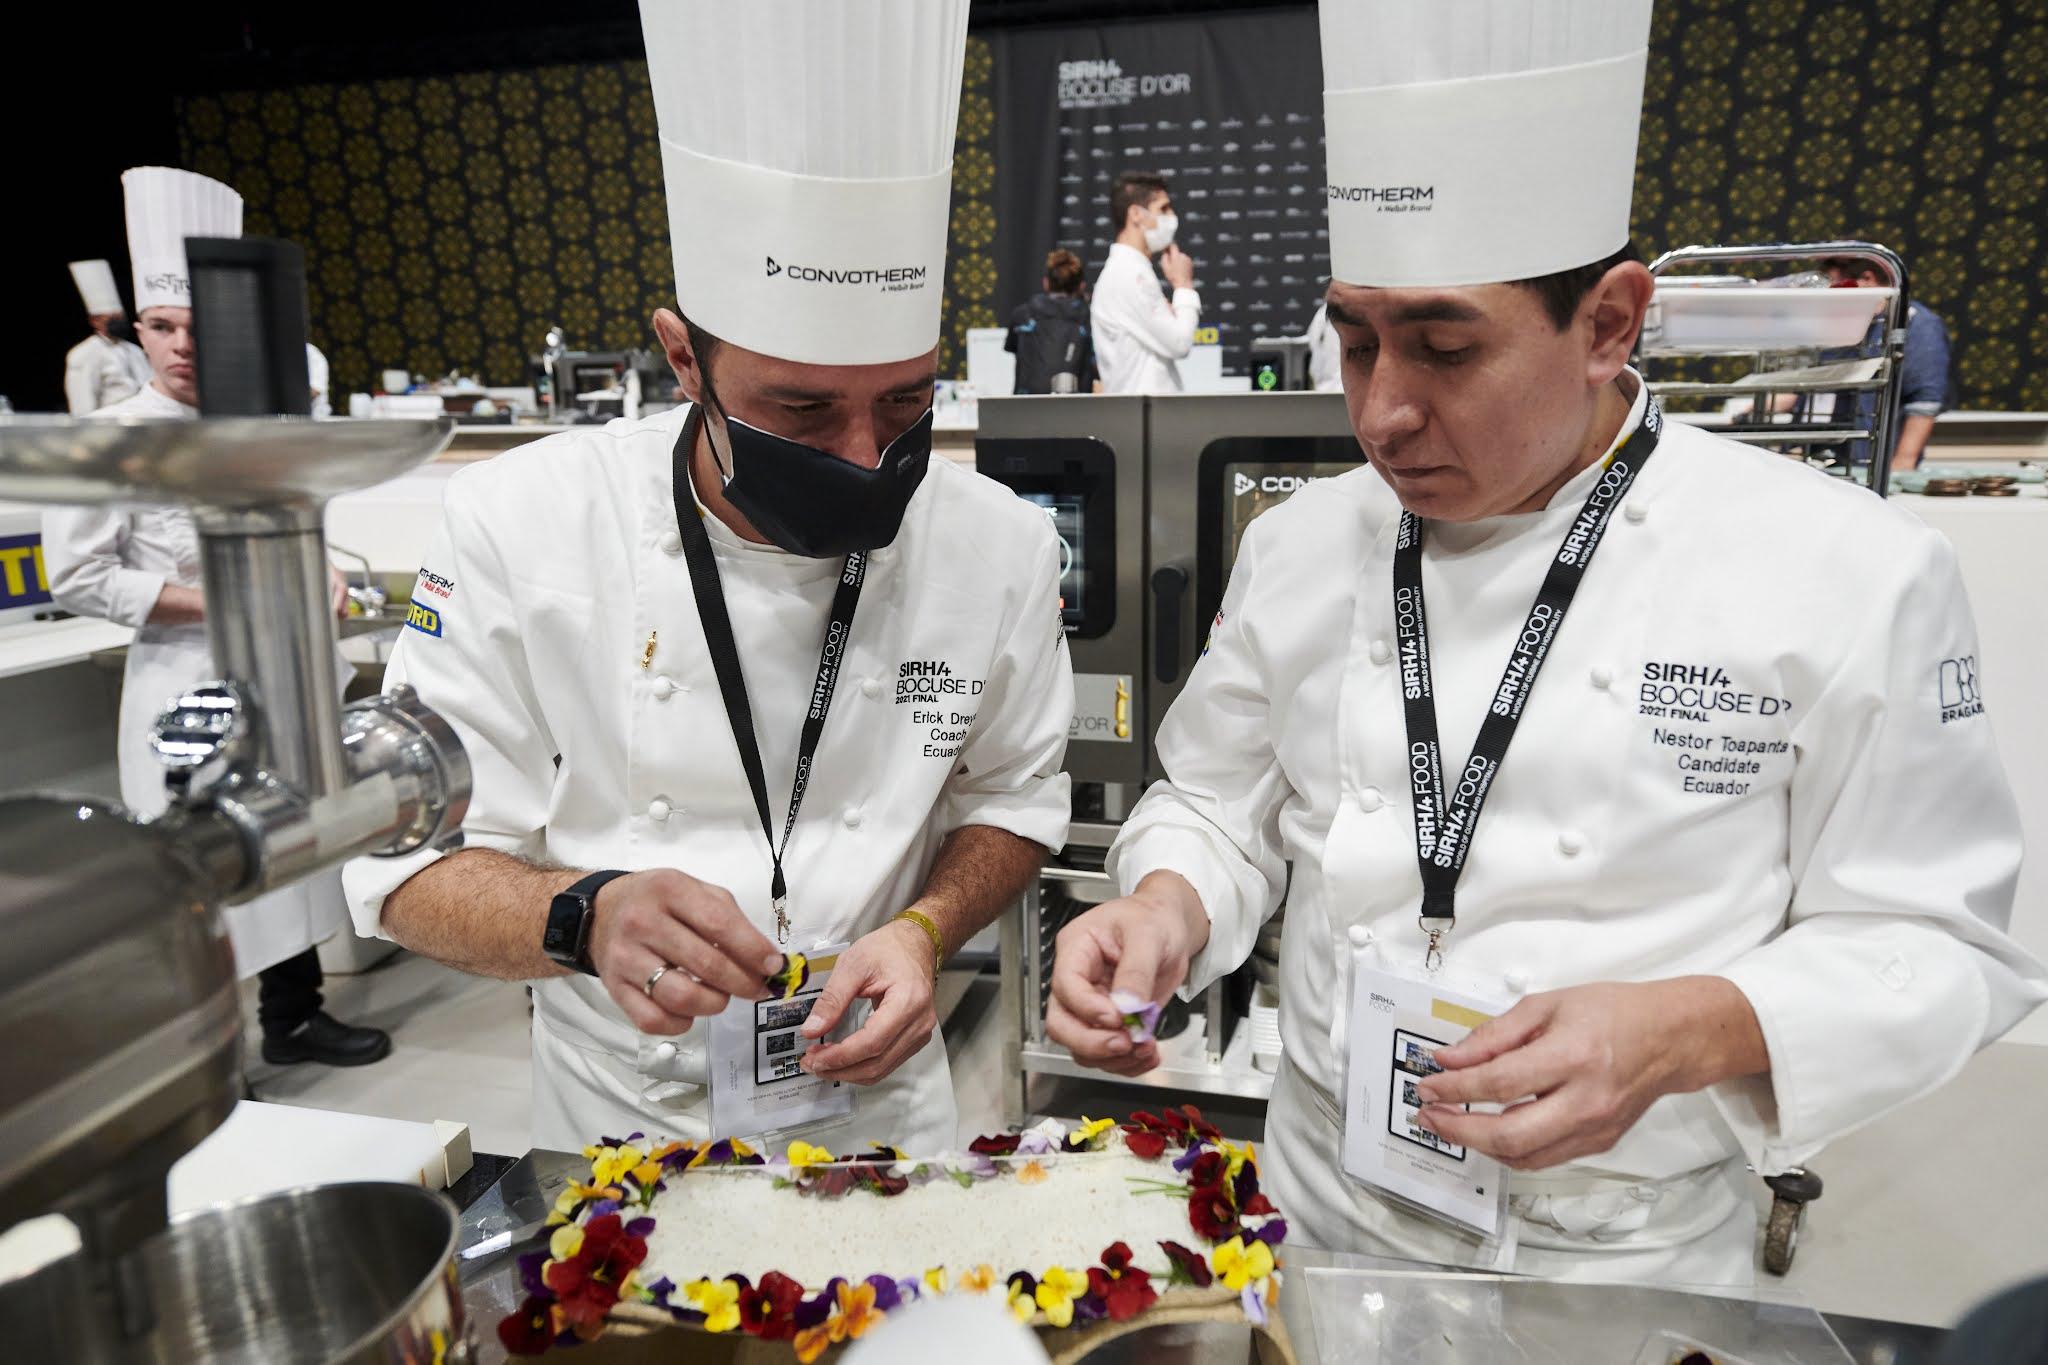 Periodismo gastronómico: ¿Qué es y para qué sirve?